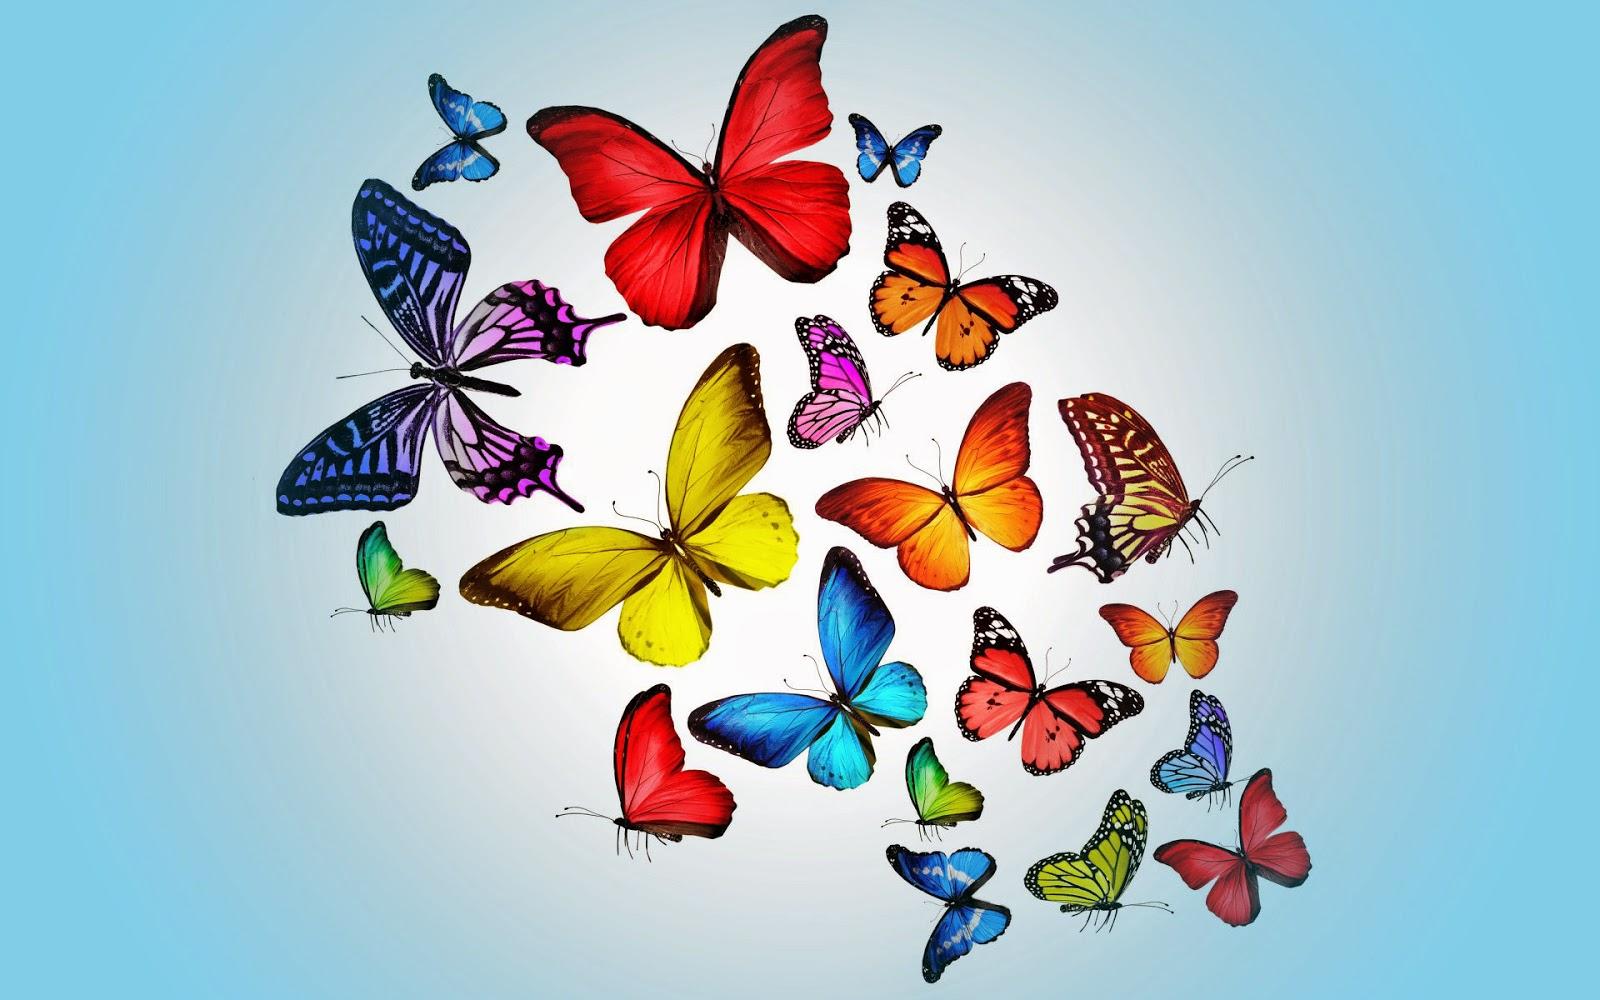 Verschillende soorten vlinders in diverse kleuren